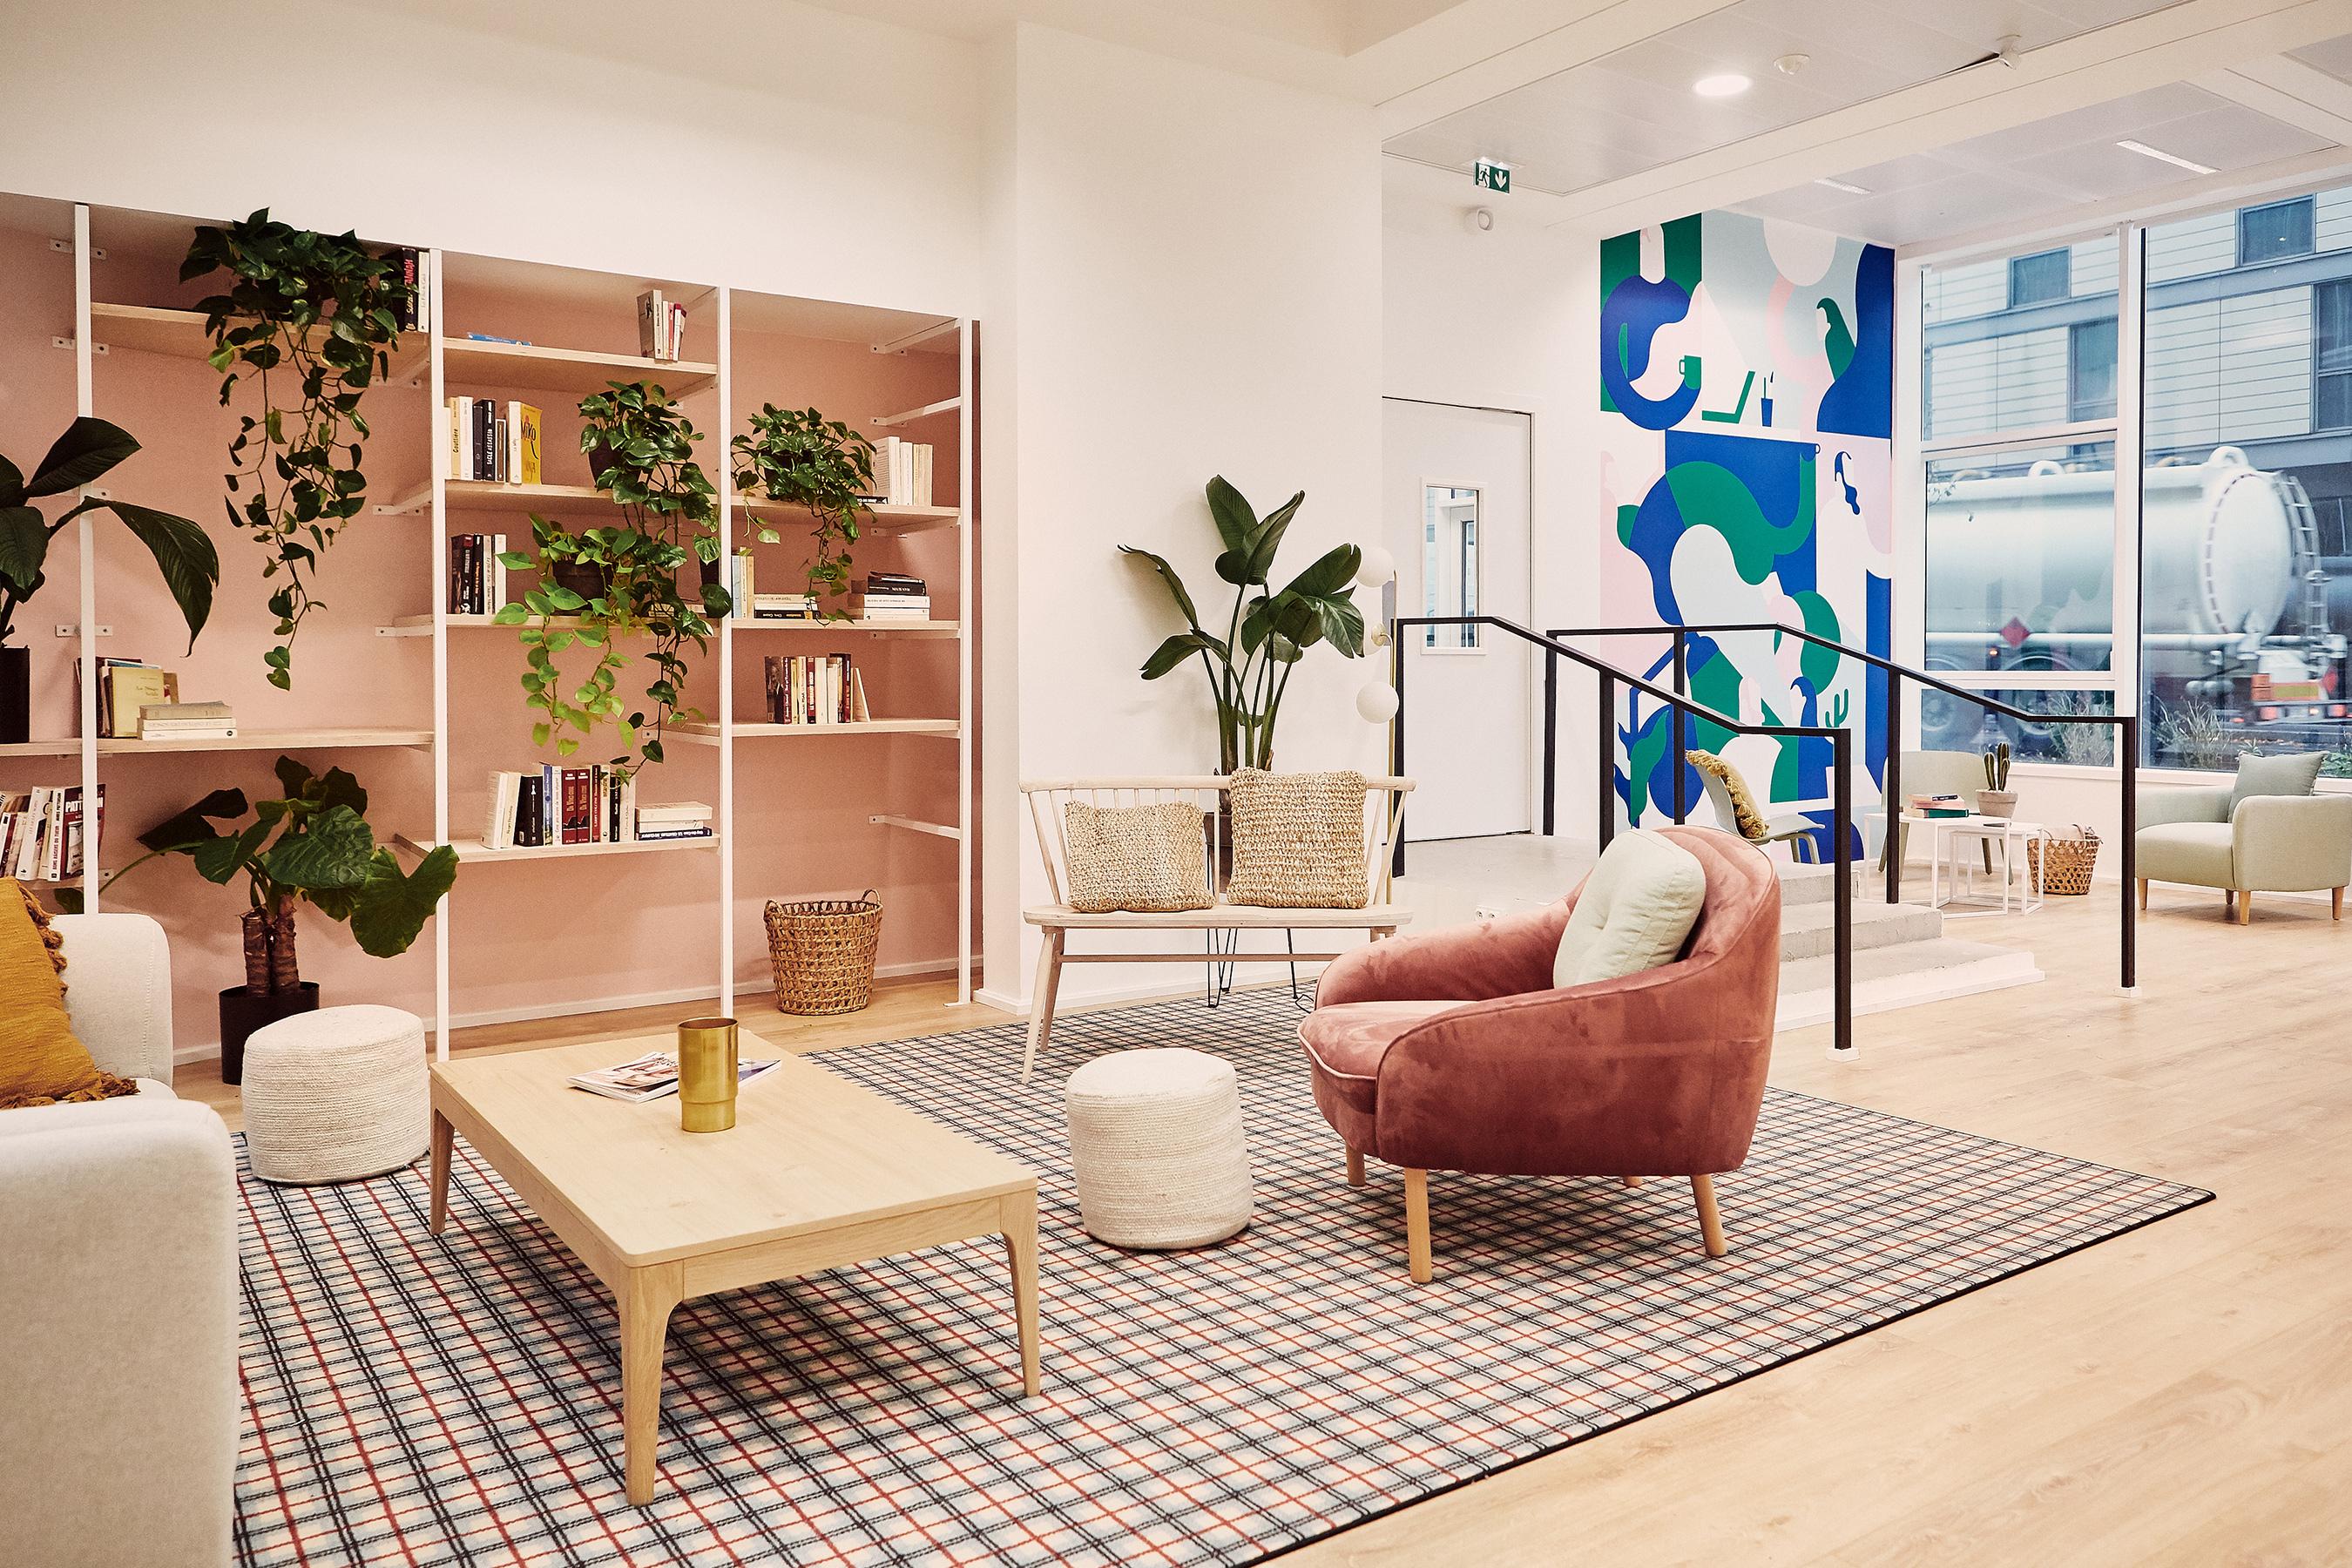 Aménagement espace bureau - coin détente avec bibliothèque